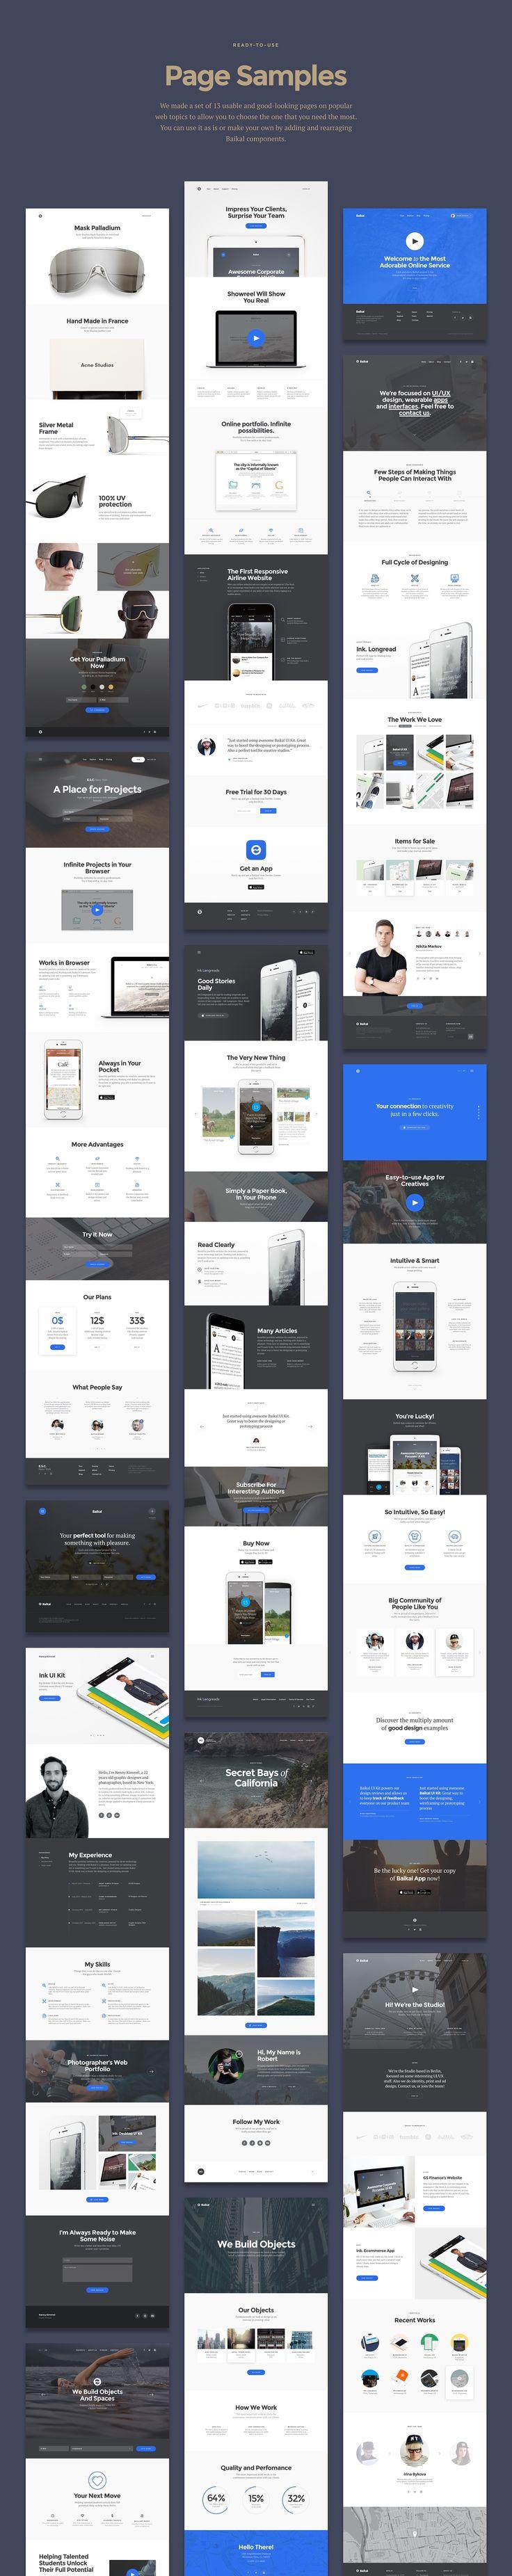 Baikal Startup UI Kit / Free Sample Inside on Behance